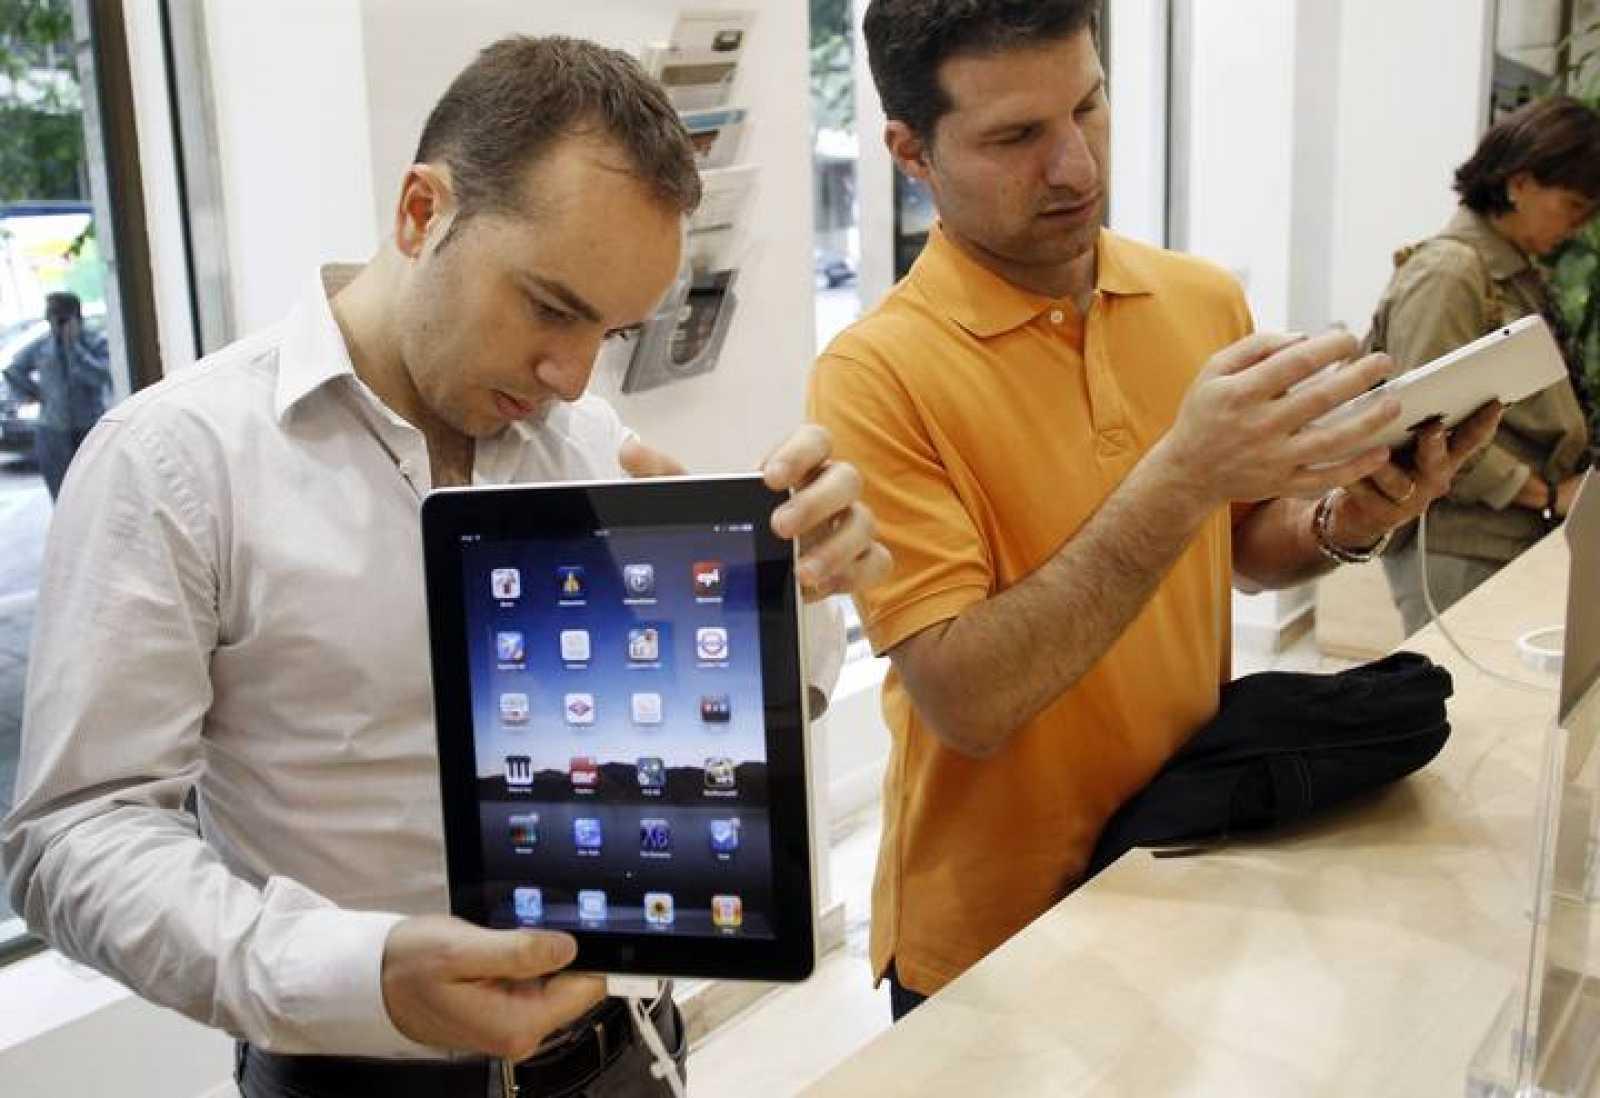 Imagen de dos consumidores viendo tabletas